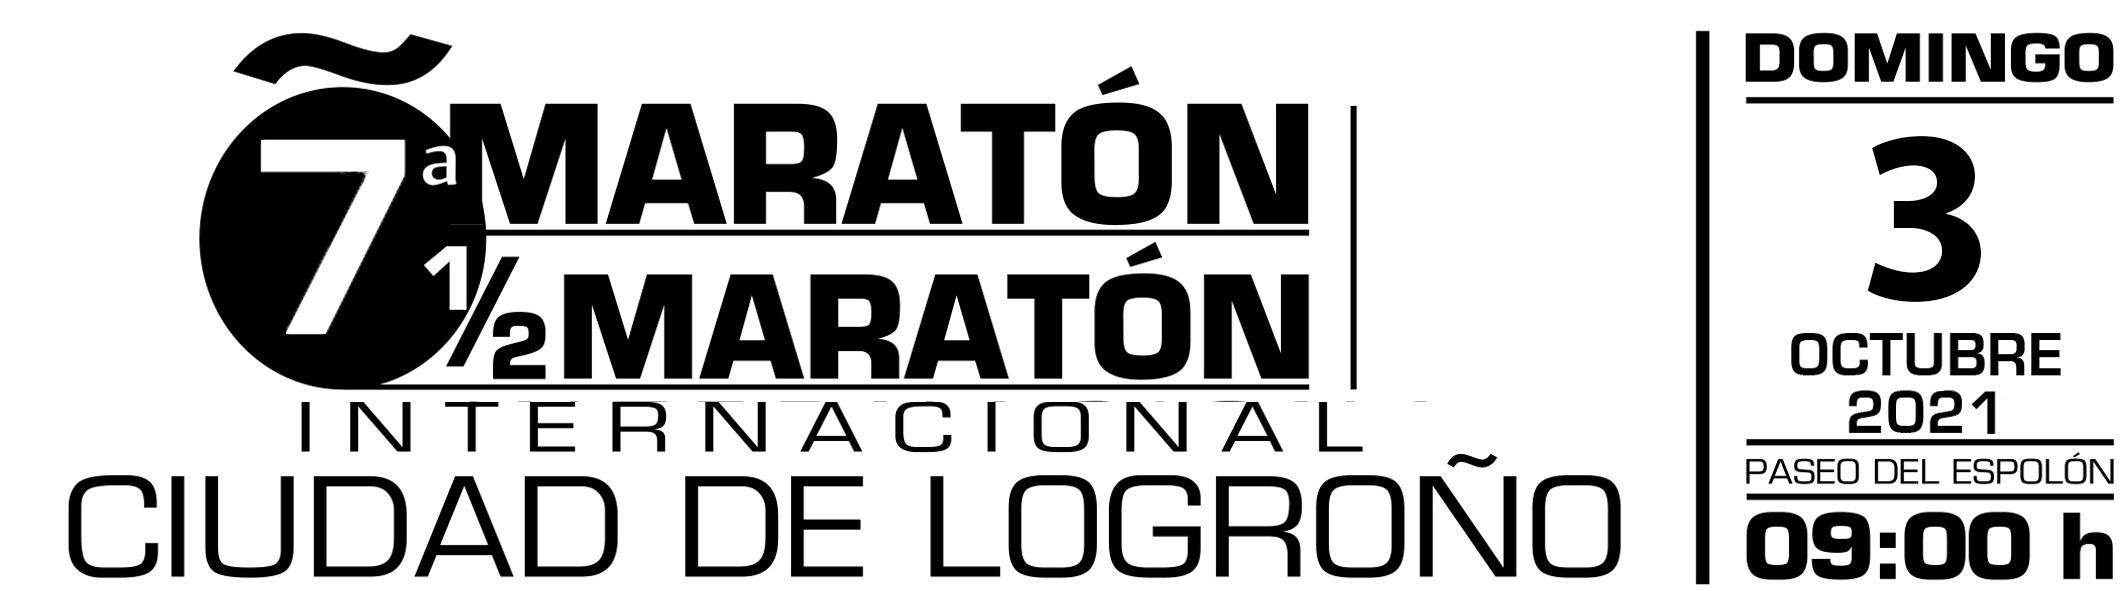 Vídeo #MaratonLogroño ¡emociónate! - Maratón Ciudad de Logroño 2021